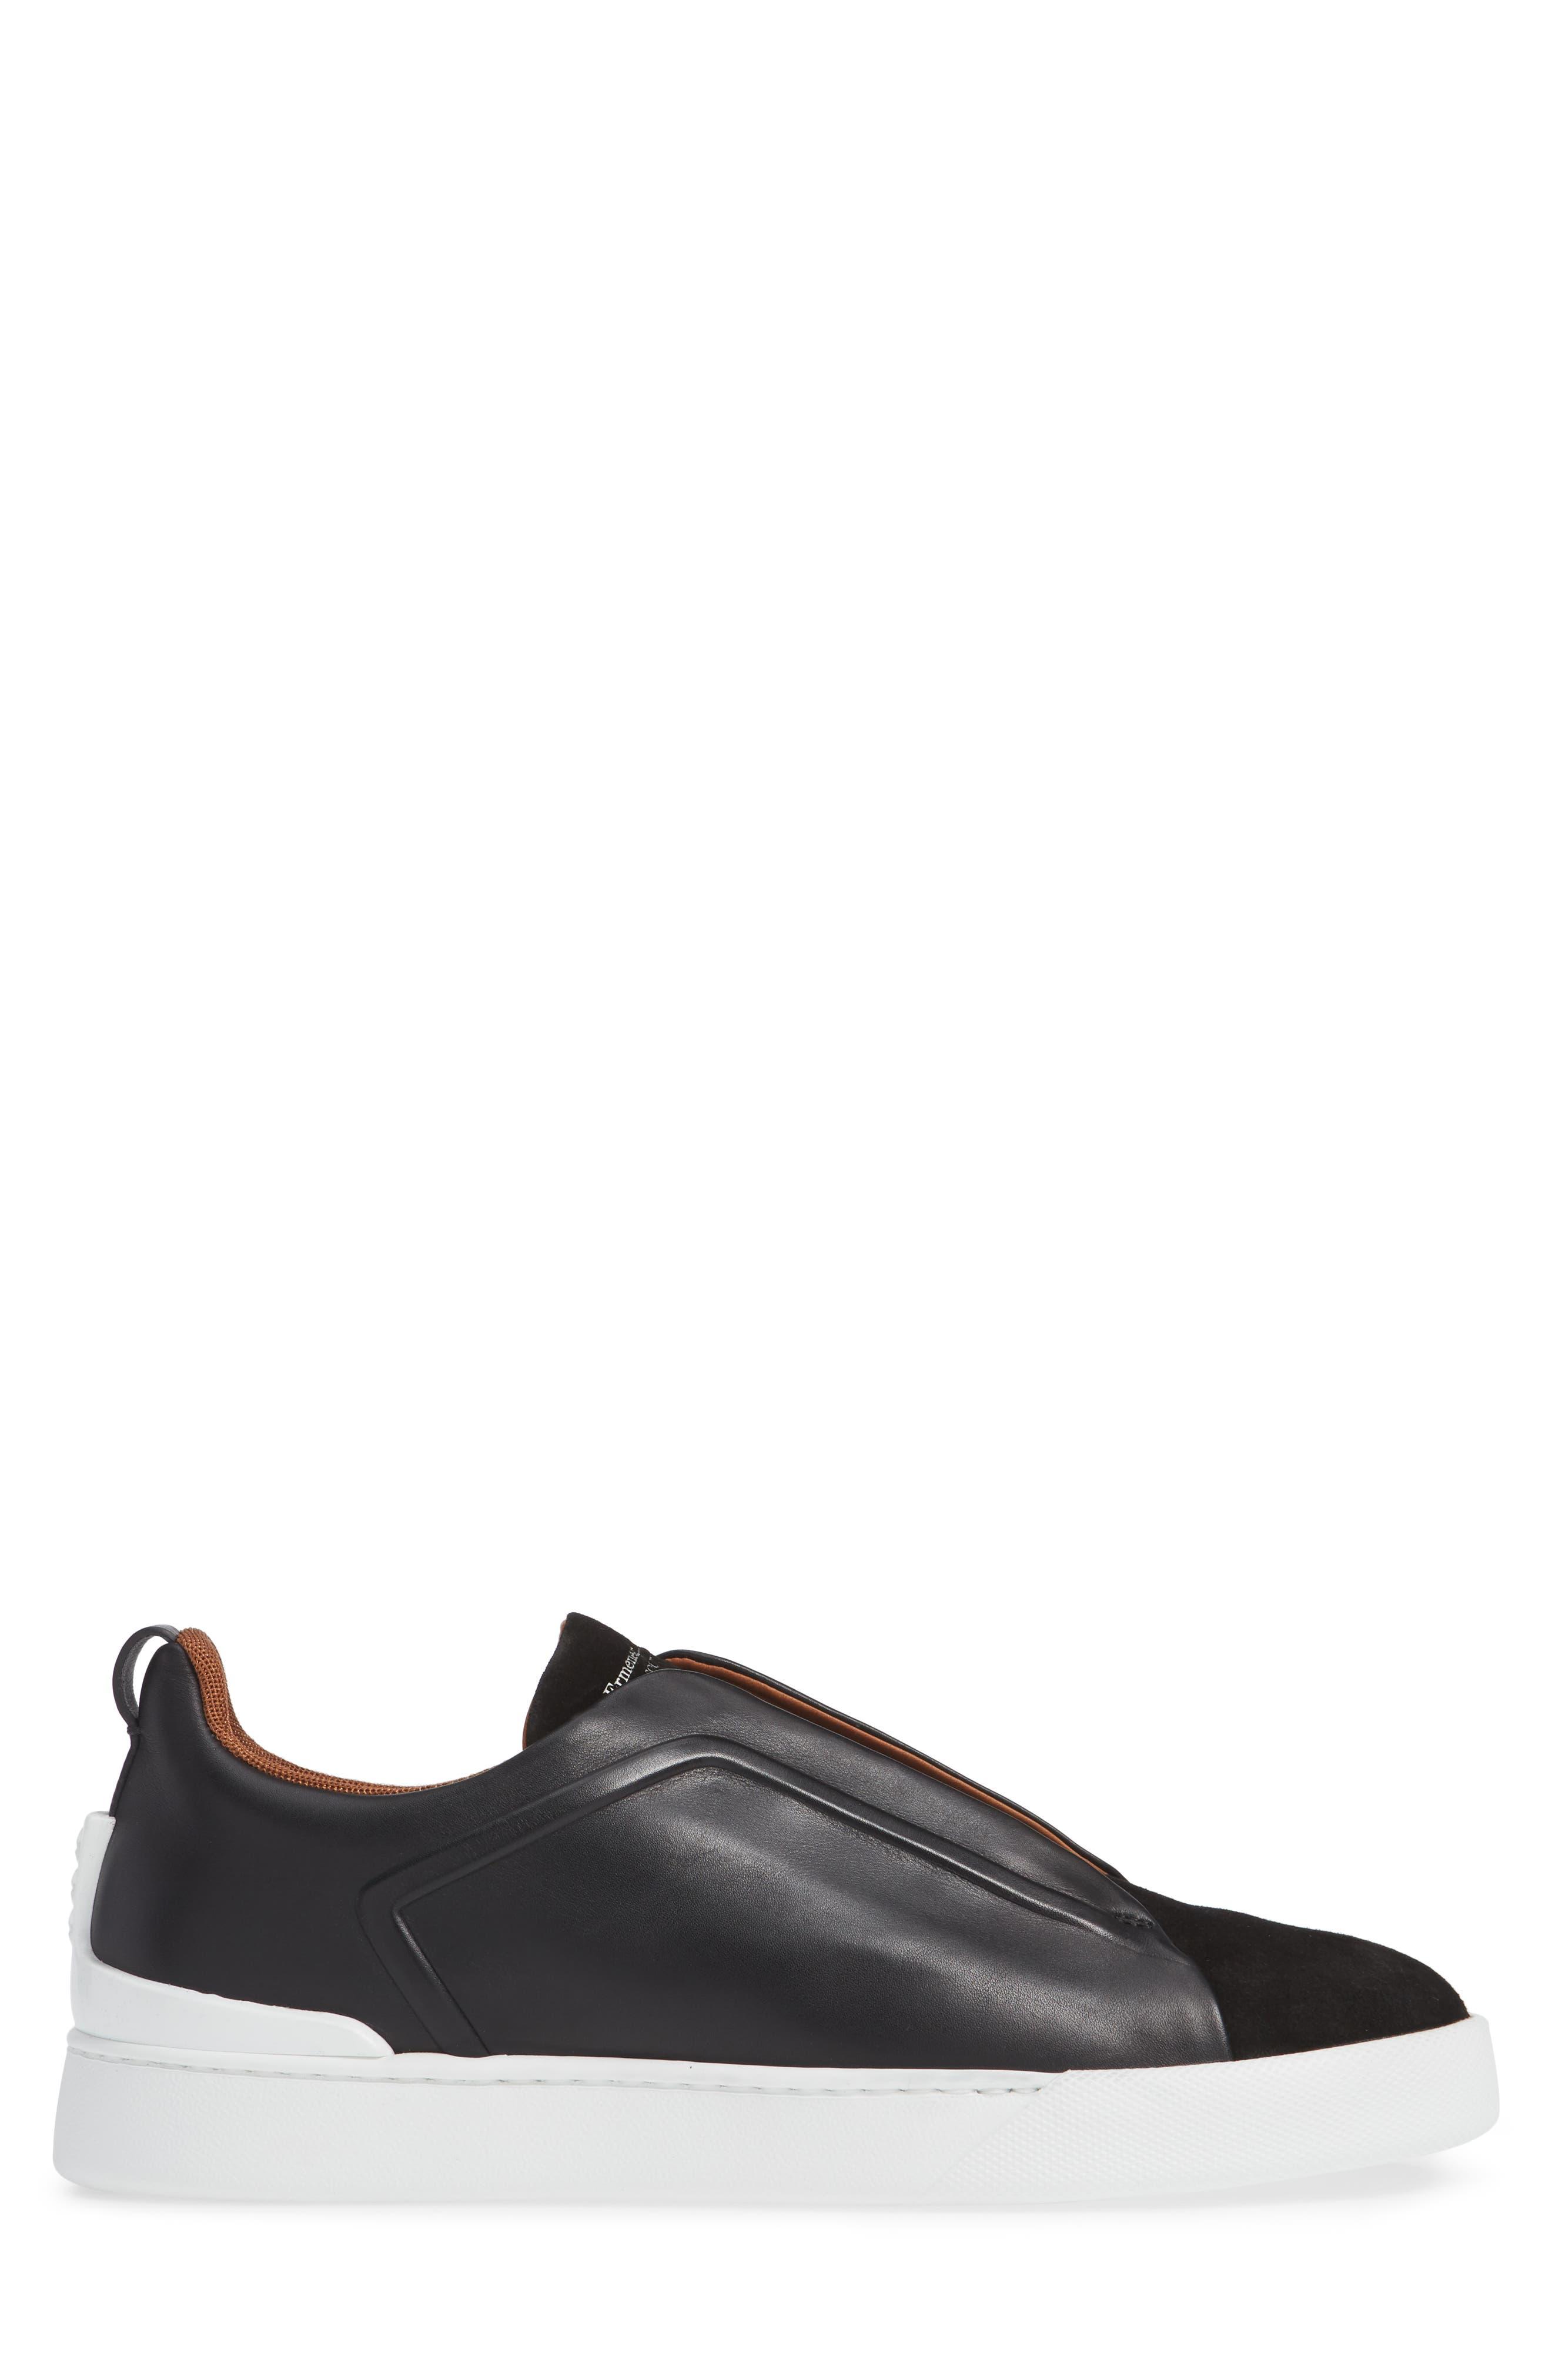 ERMENEGILDO ZEGNA, Slip-On Sneaker, Alternate thumbnail 3, color, BLACK